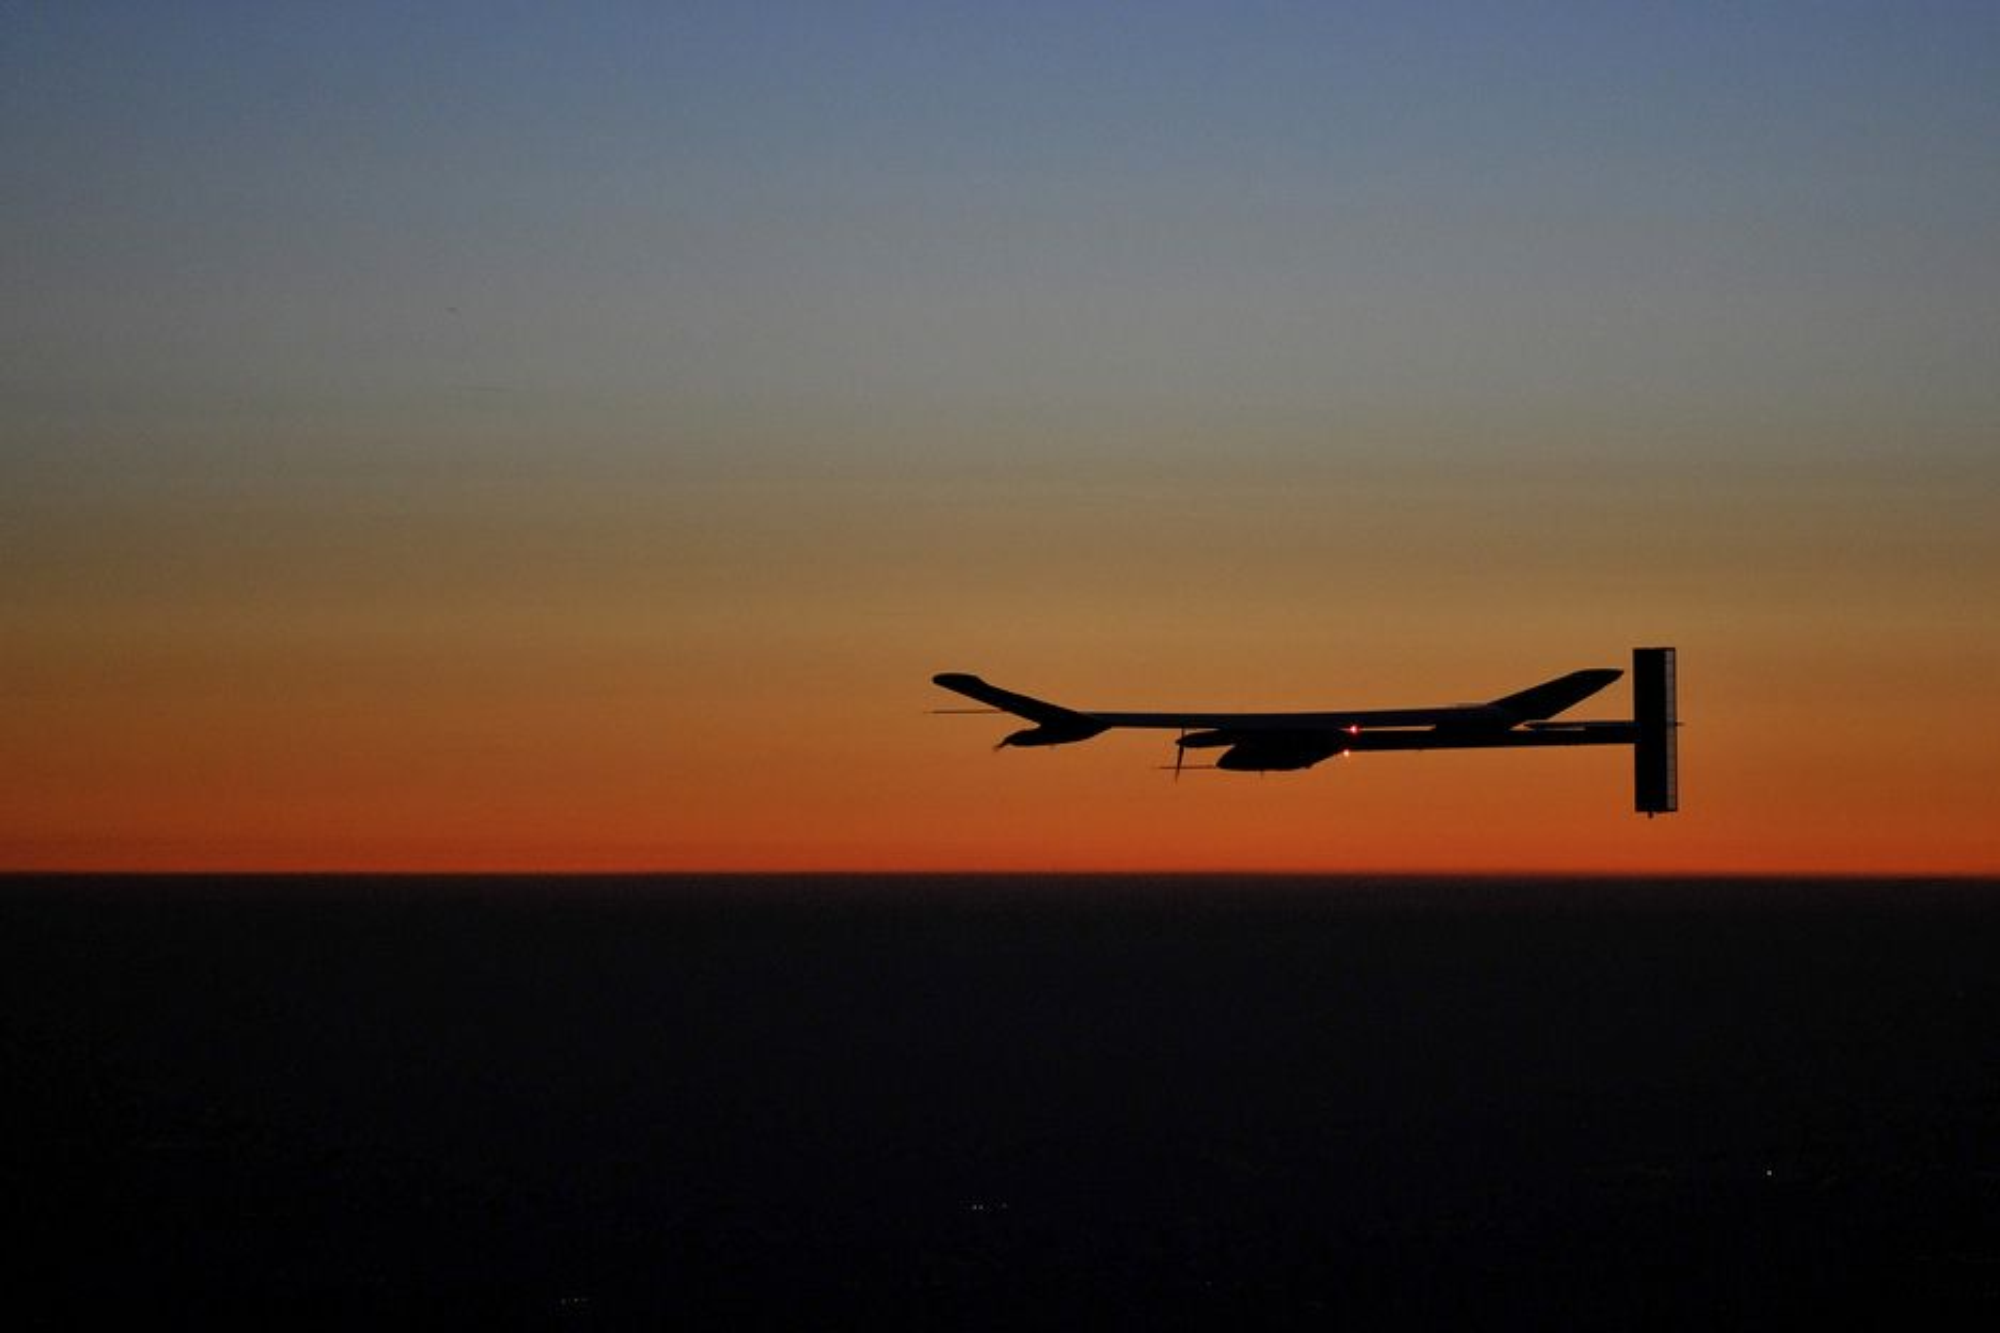 Slik så det ut da Solar Impulse svevde inn i solnedgangen over Payerne i Sveits onsdag. Nattflygingen er den første for solcelleflyet noen sinne.